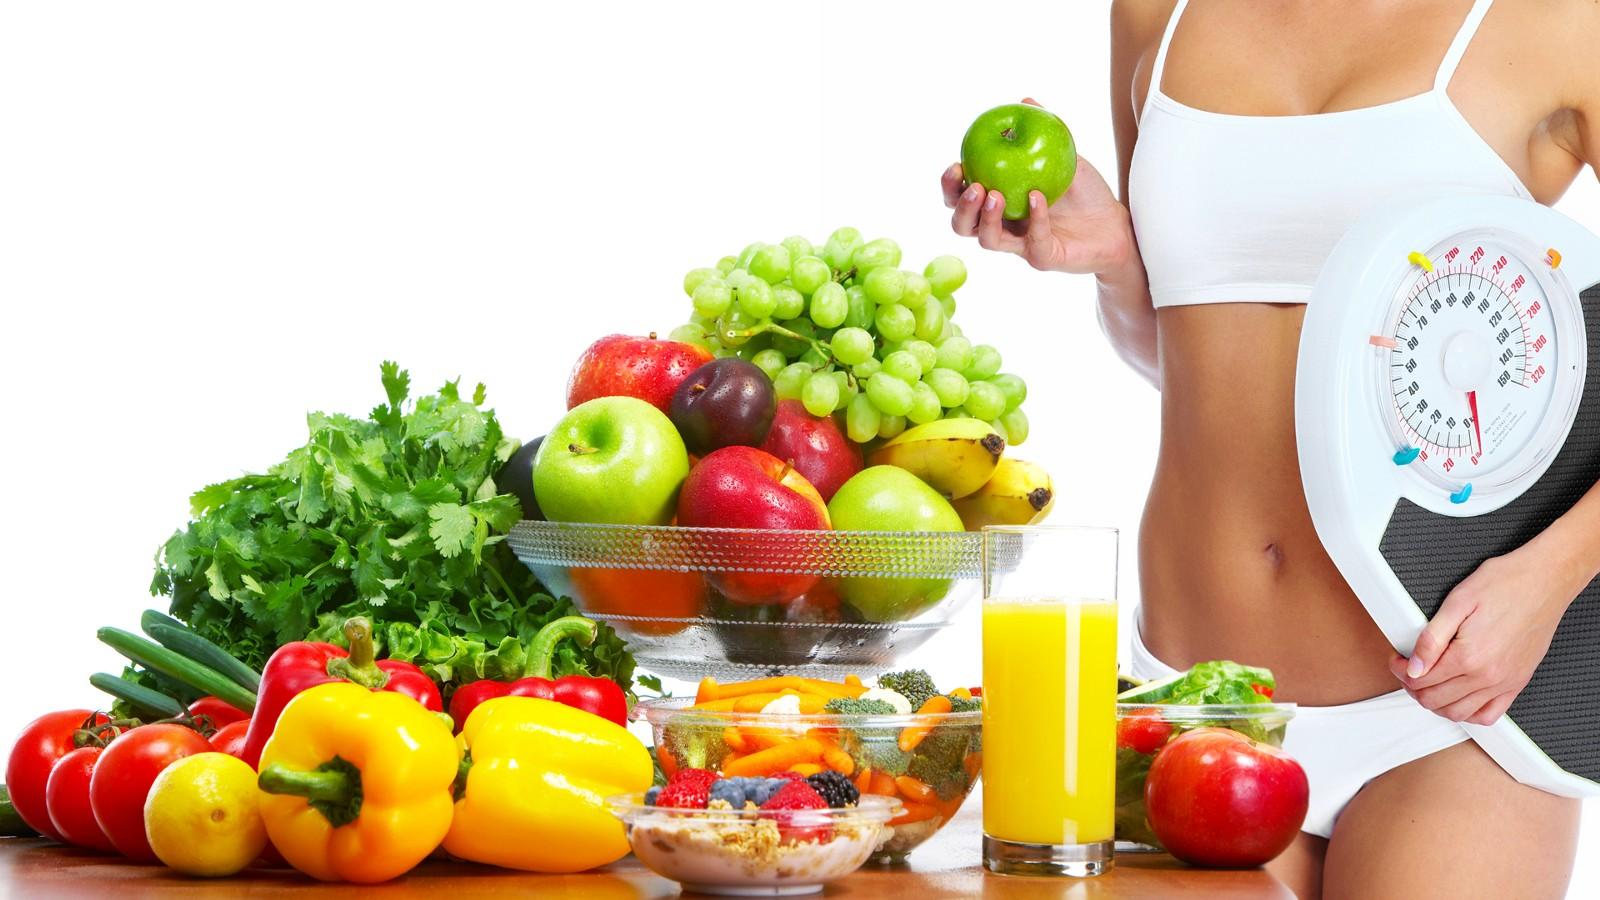 различных правильное питание как образ жизни картинки становится жаль горького